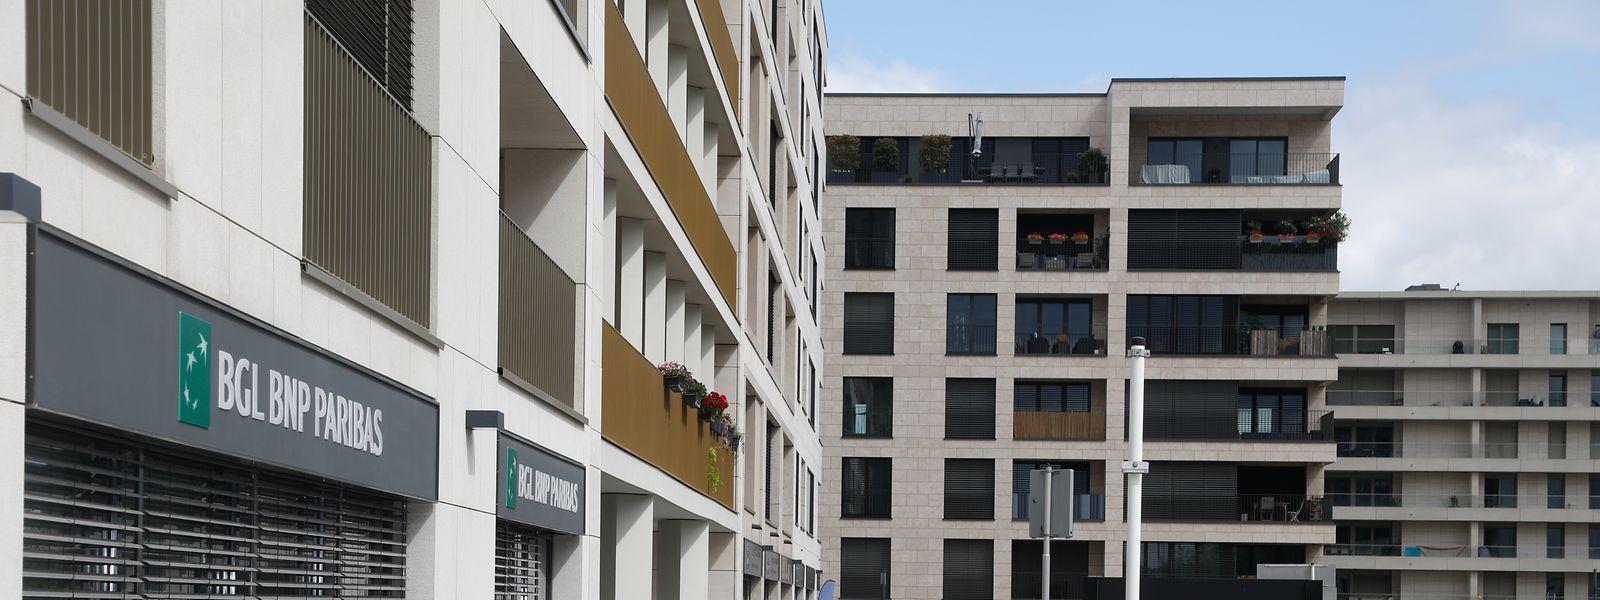 Même si près de 1.200 appartements ont déjà trouvé preneurs, la vie tarde à prendre dans le quartier.